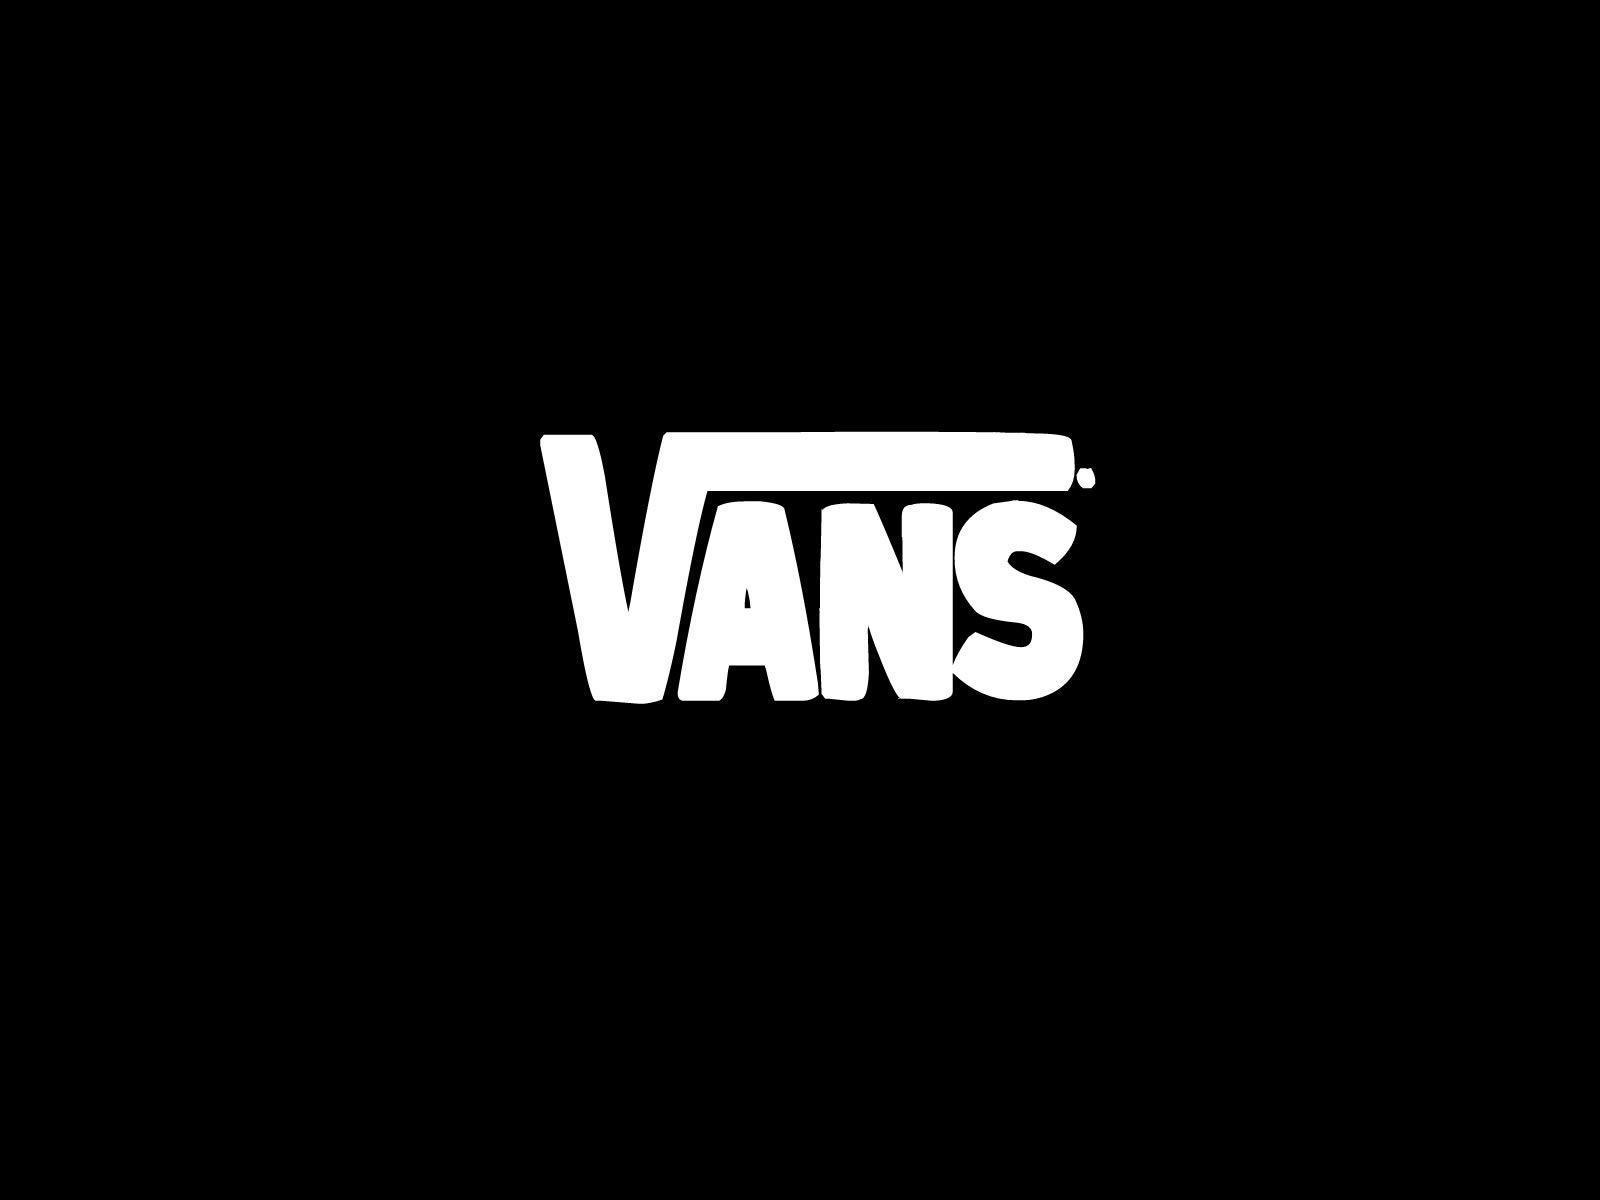 Vans Logo Wallpapers 1600x1200